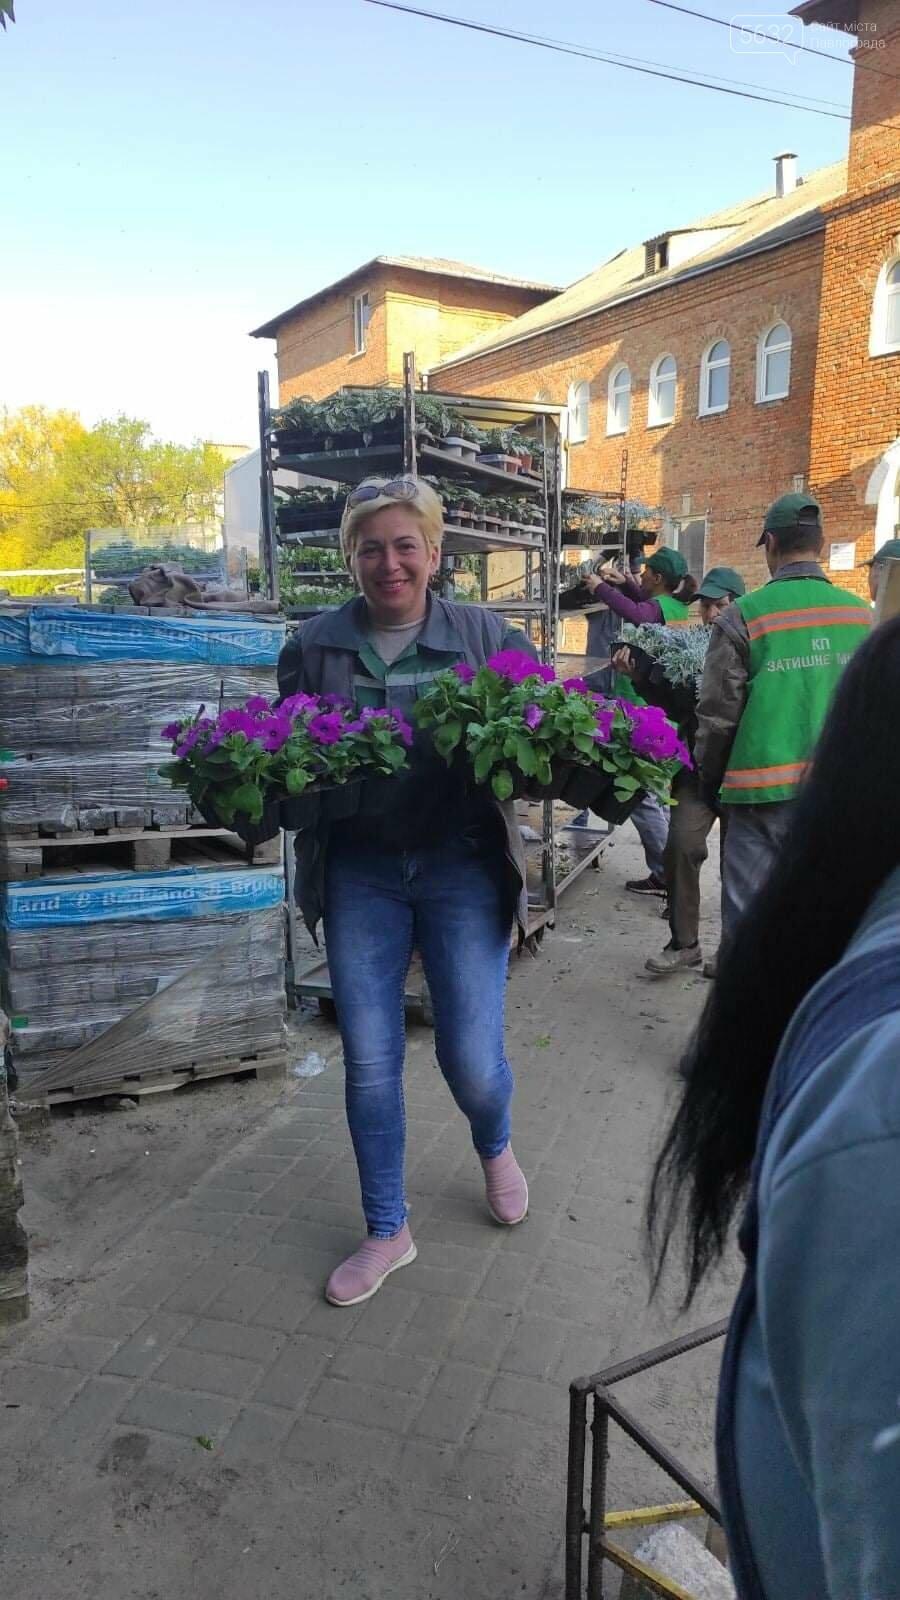 Для свадебных фотосессий в Павлограде готовят новую цветочную локацию в центре города, фото-2